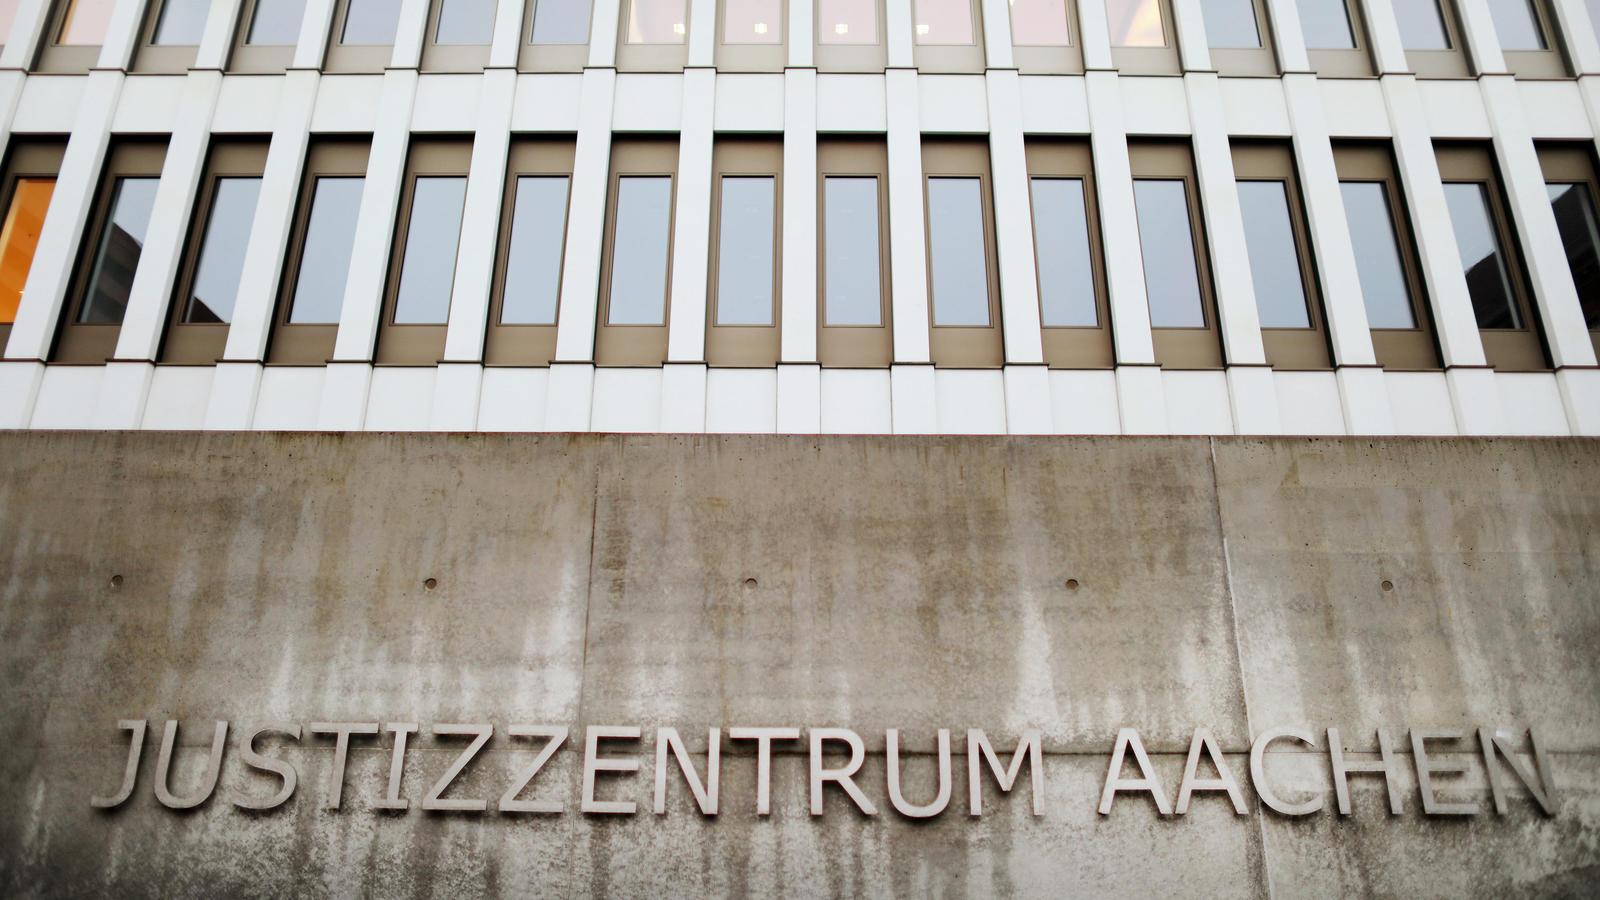 Nach dem gewaltsamen Tod eines Säuglings sitzt der Vater in U-Haft, wie die Aachener Staatsanwaltschaft mitteilte.